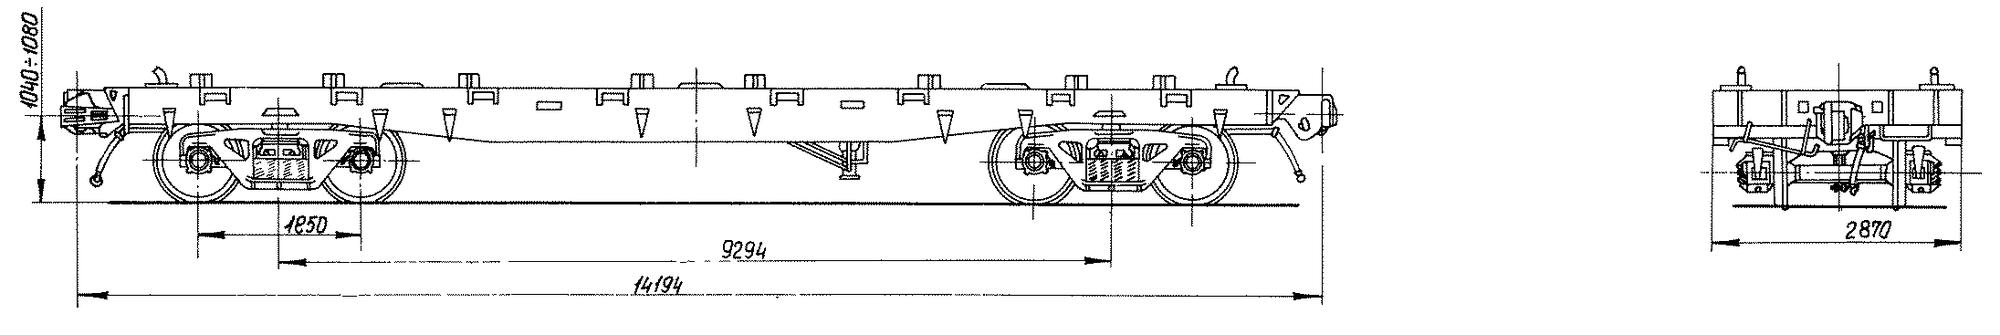 4-осная платформа для большегрузных контейнеров